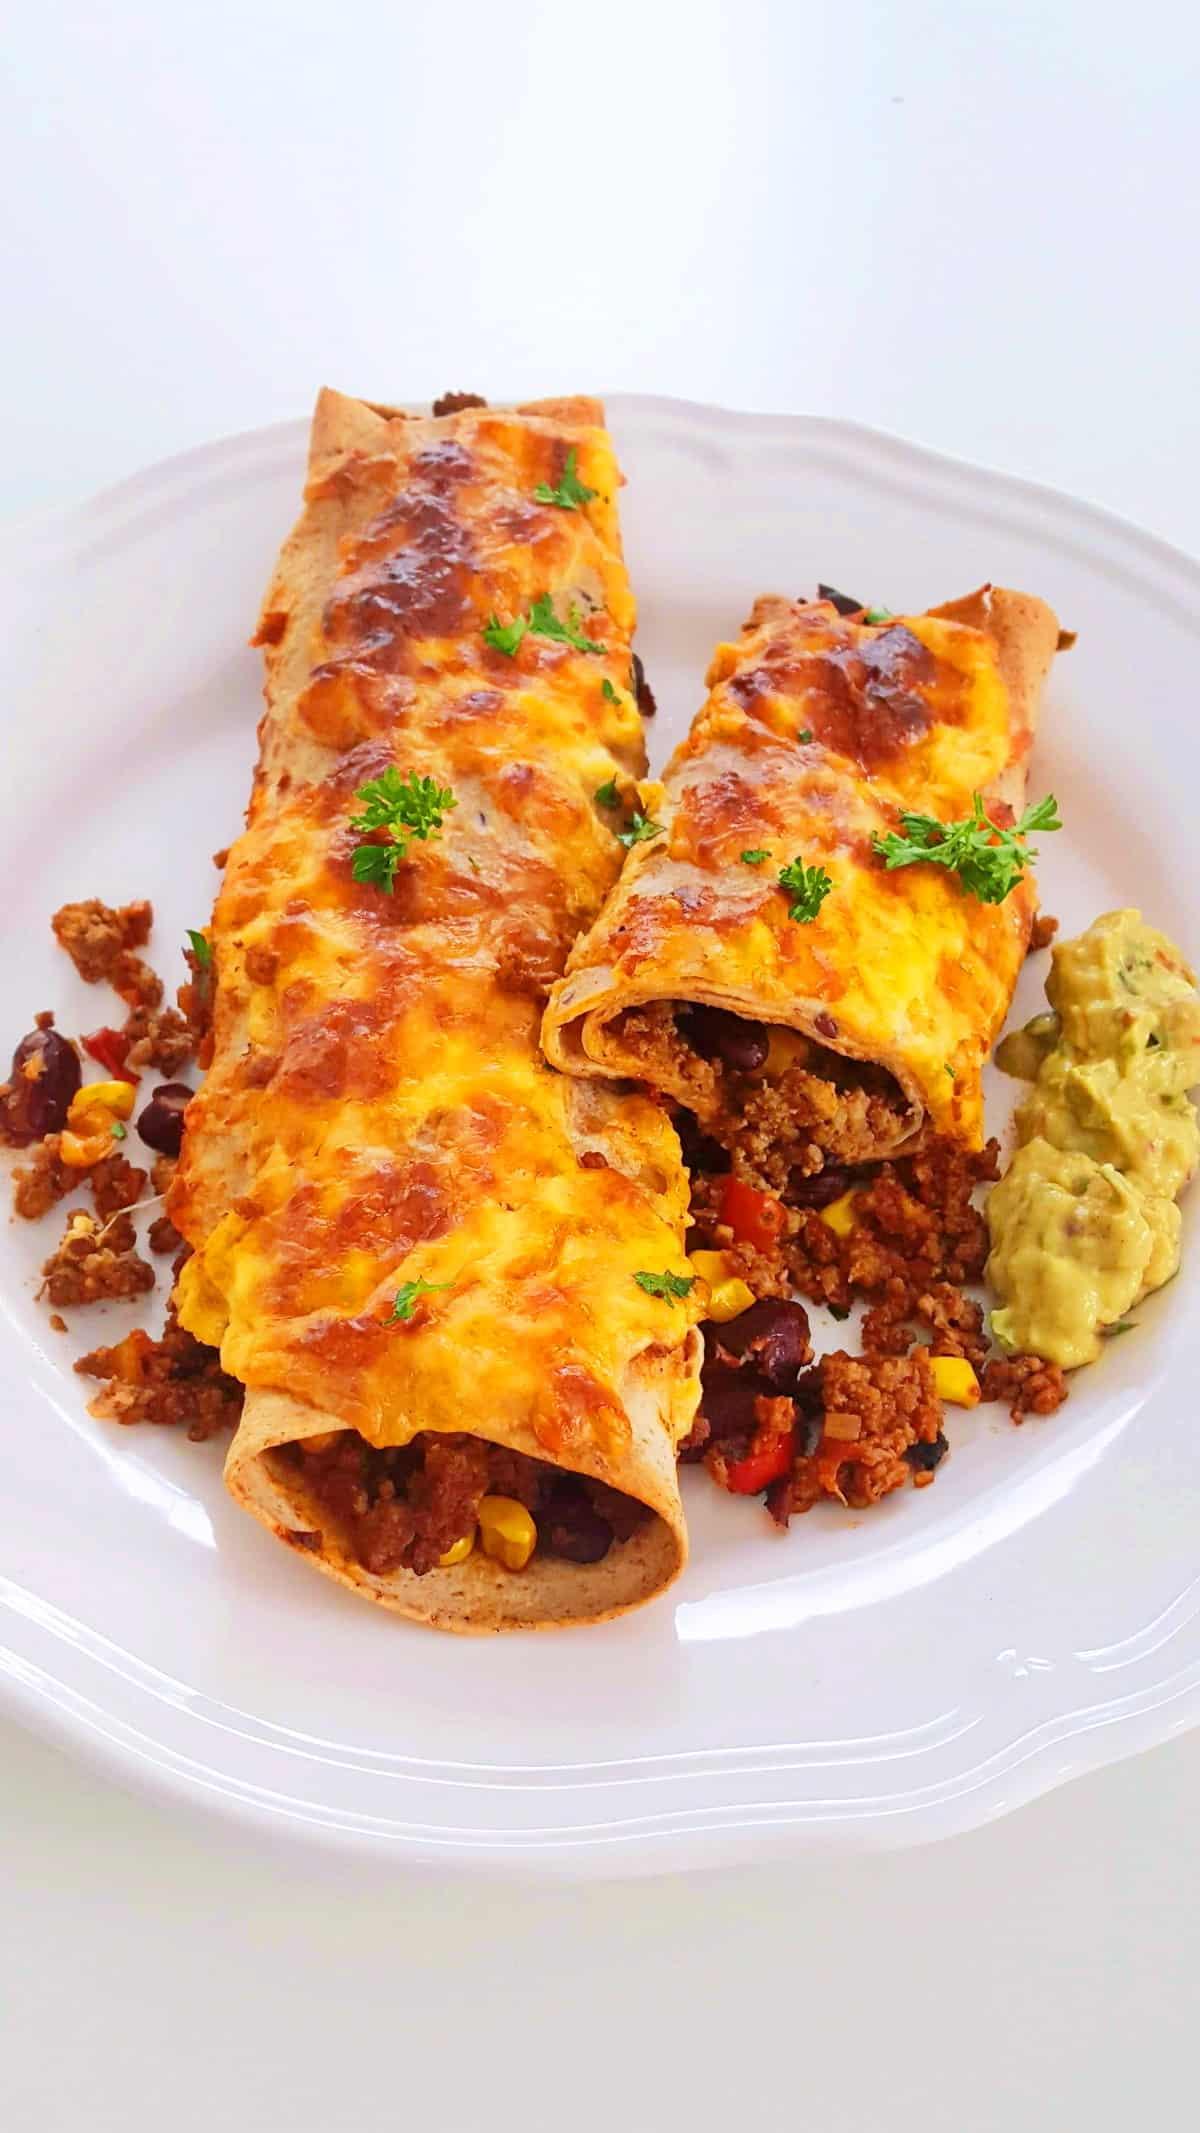 Enchiladas mit Hackfeisch gefüllt und überbacken auf einem weißen Teller.